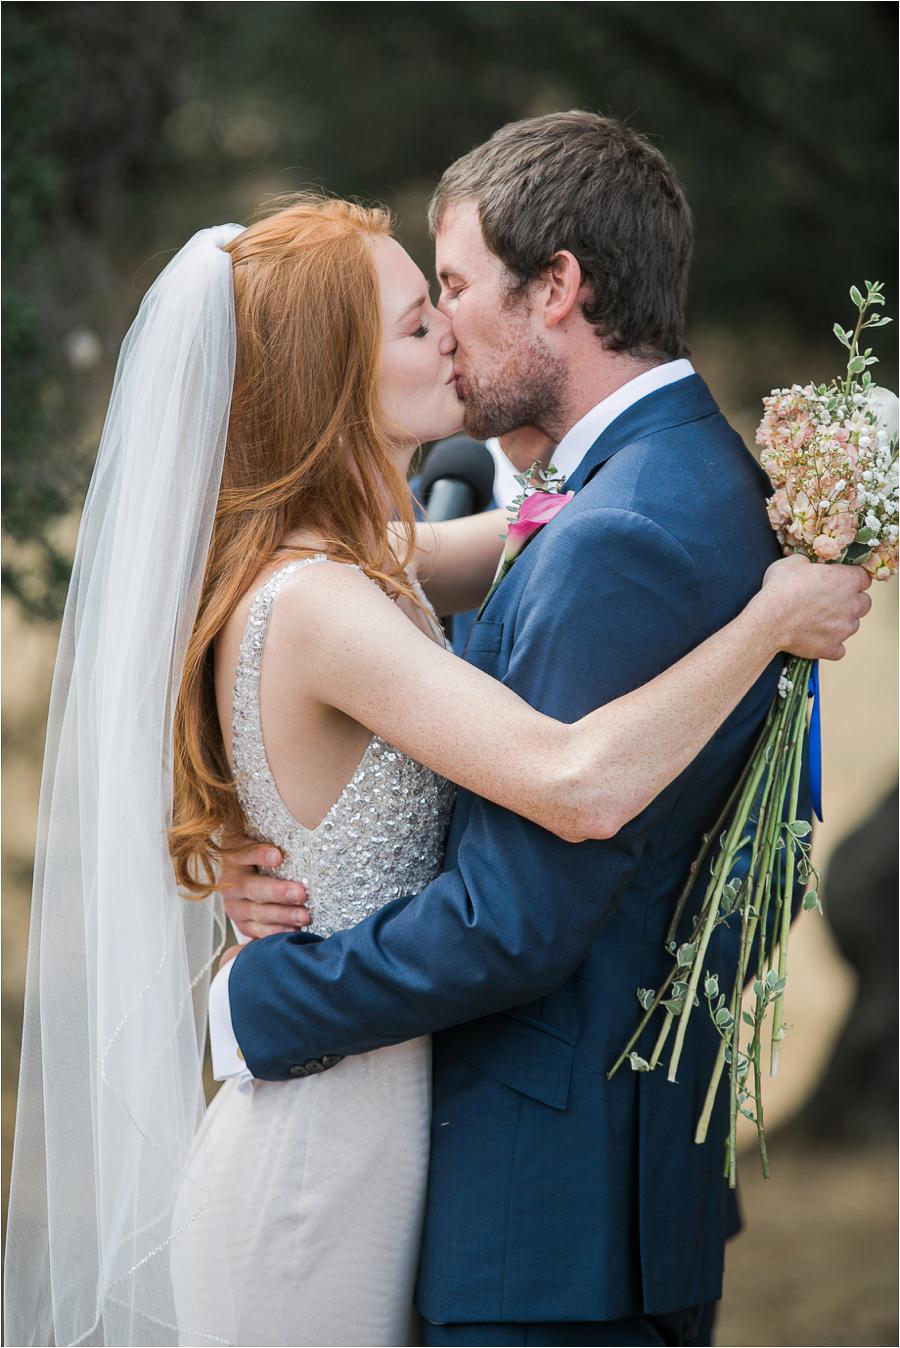 Calabasas Wedding Photographer_Taylor Kinzie Photography-38